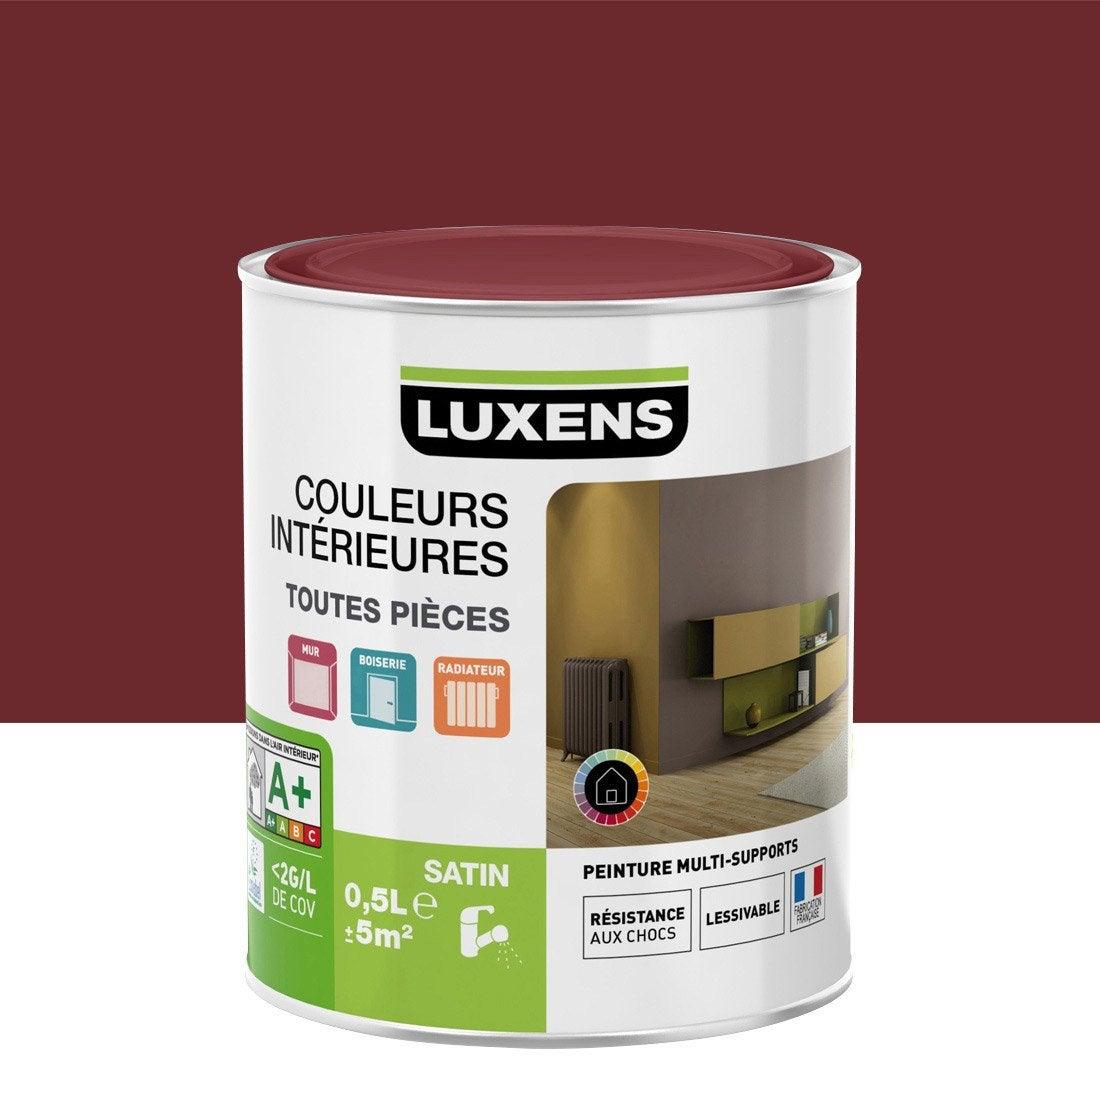 peinture rubis 2 luxens couleurs int 233 rieures satin 0 5 l leroy merlin